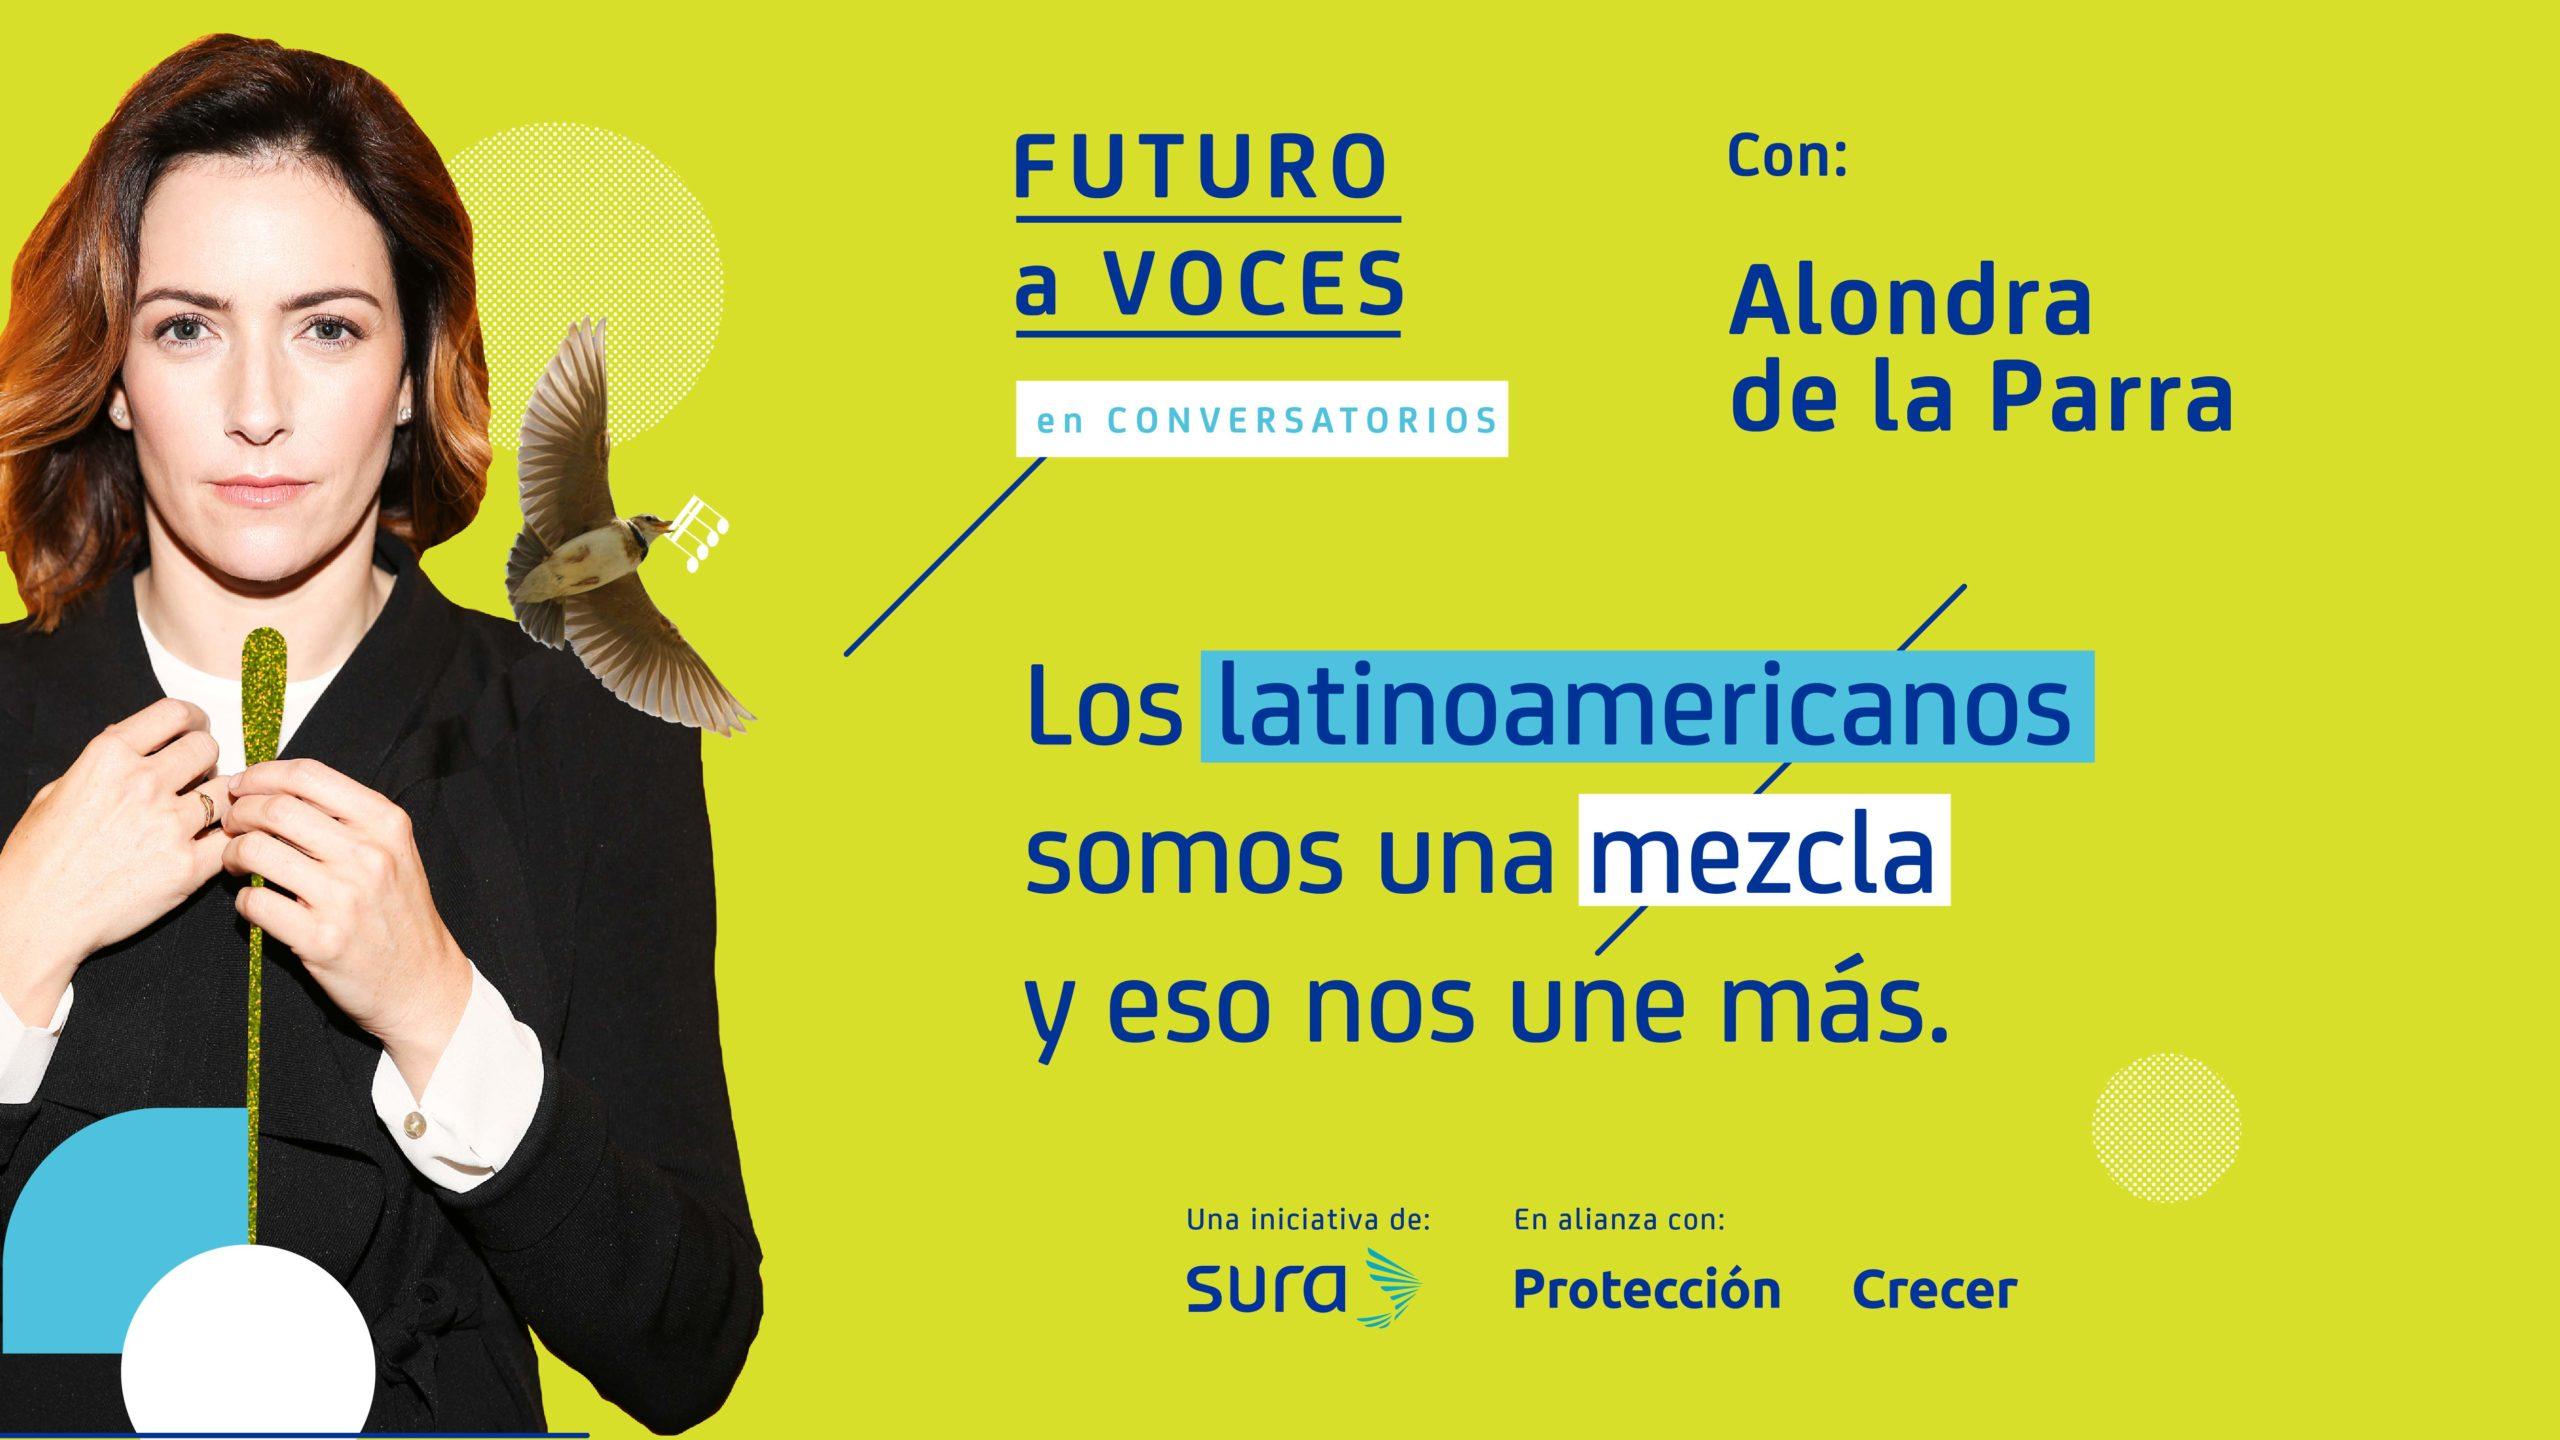 Los latinoamericanos somos una mezcla y eso nos une más